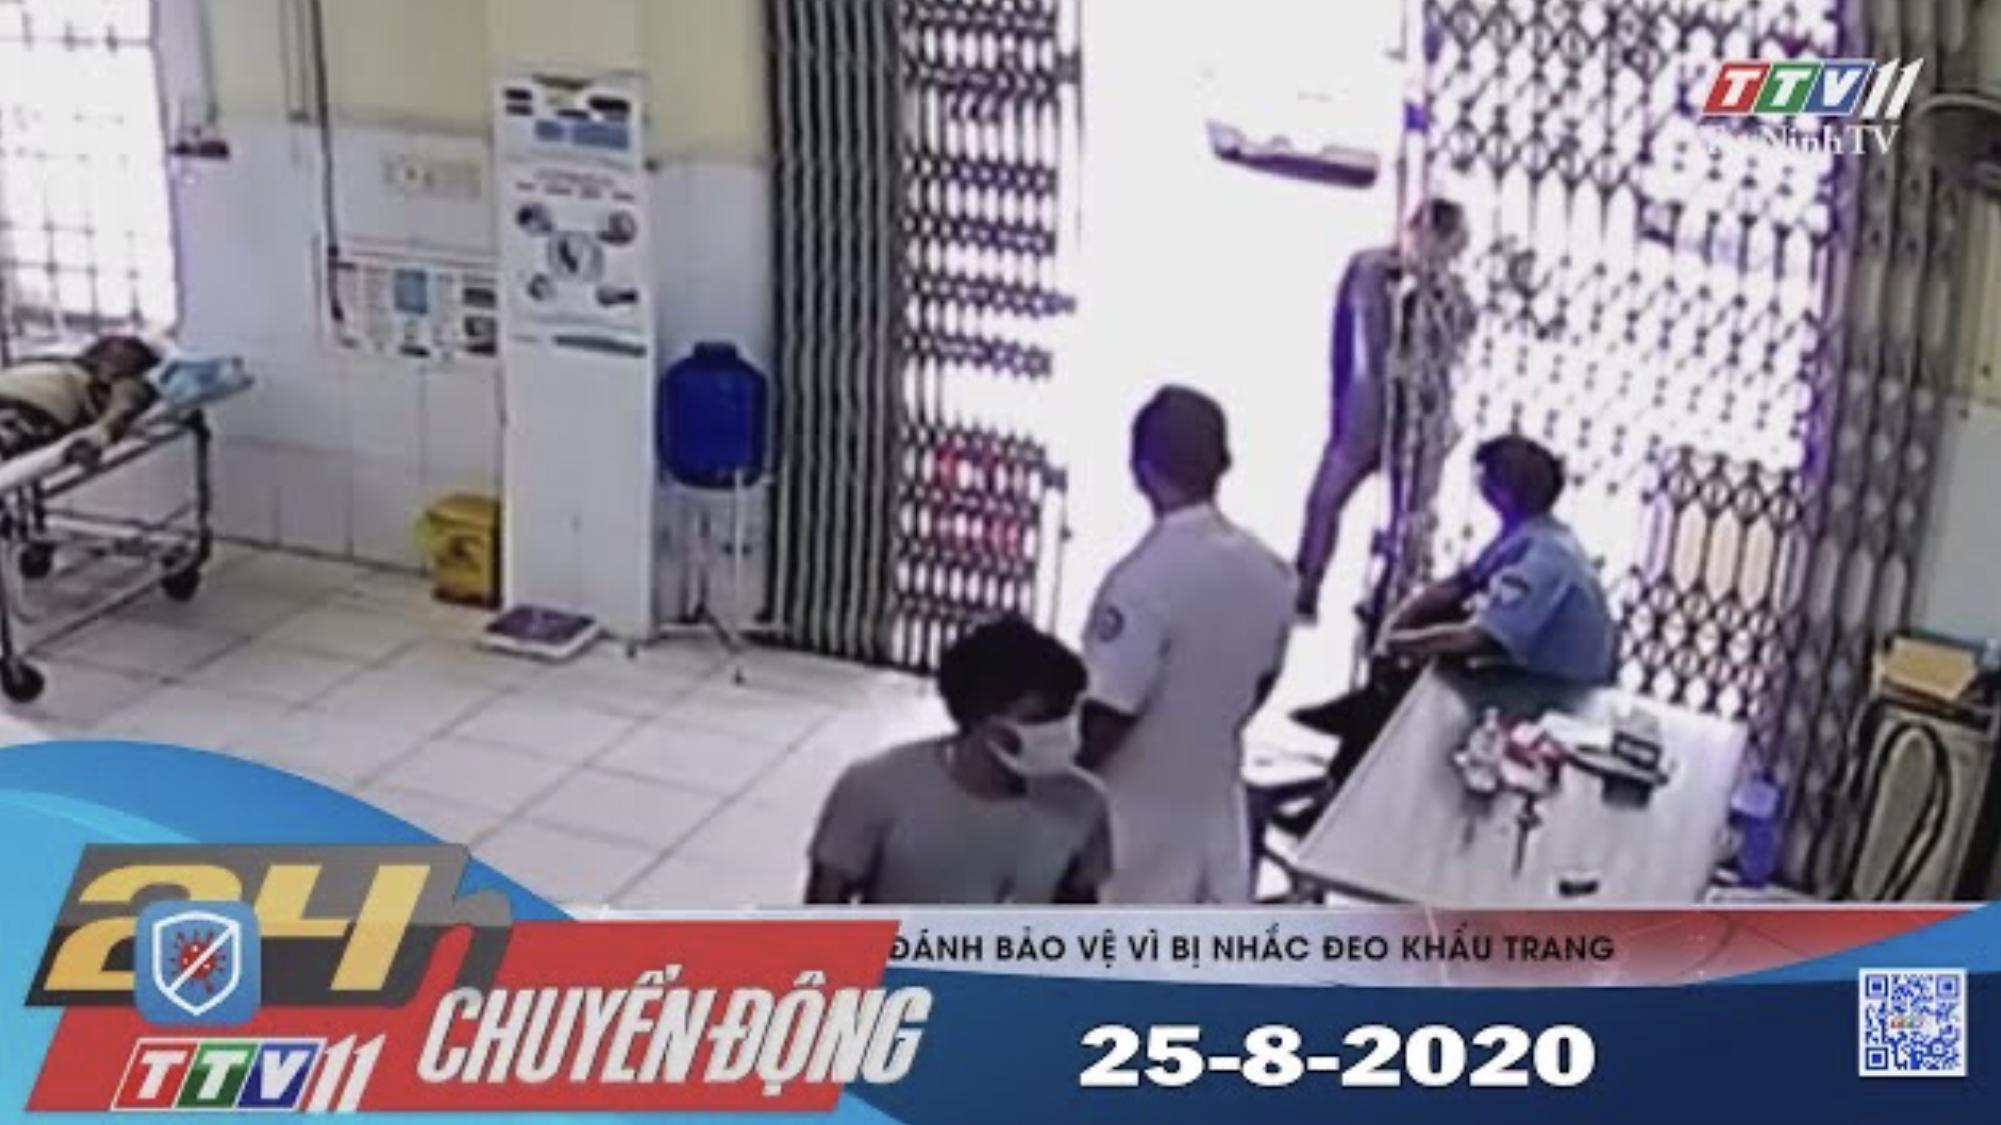 24h Chuyển động 25-8-2020 | Tin tức hôm nay | TayNinhTV